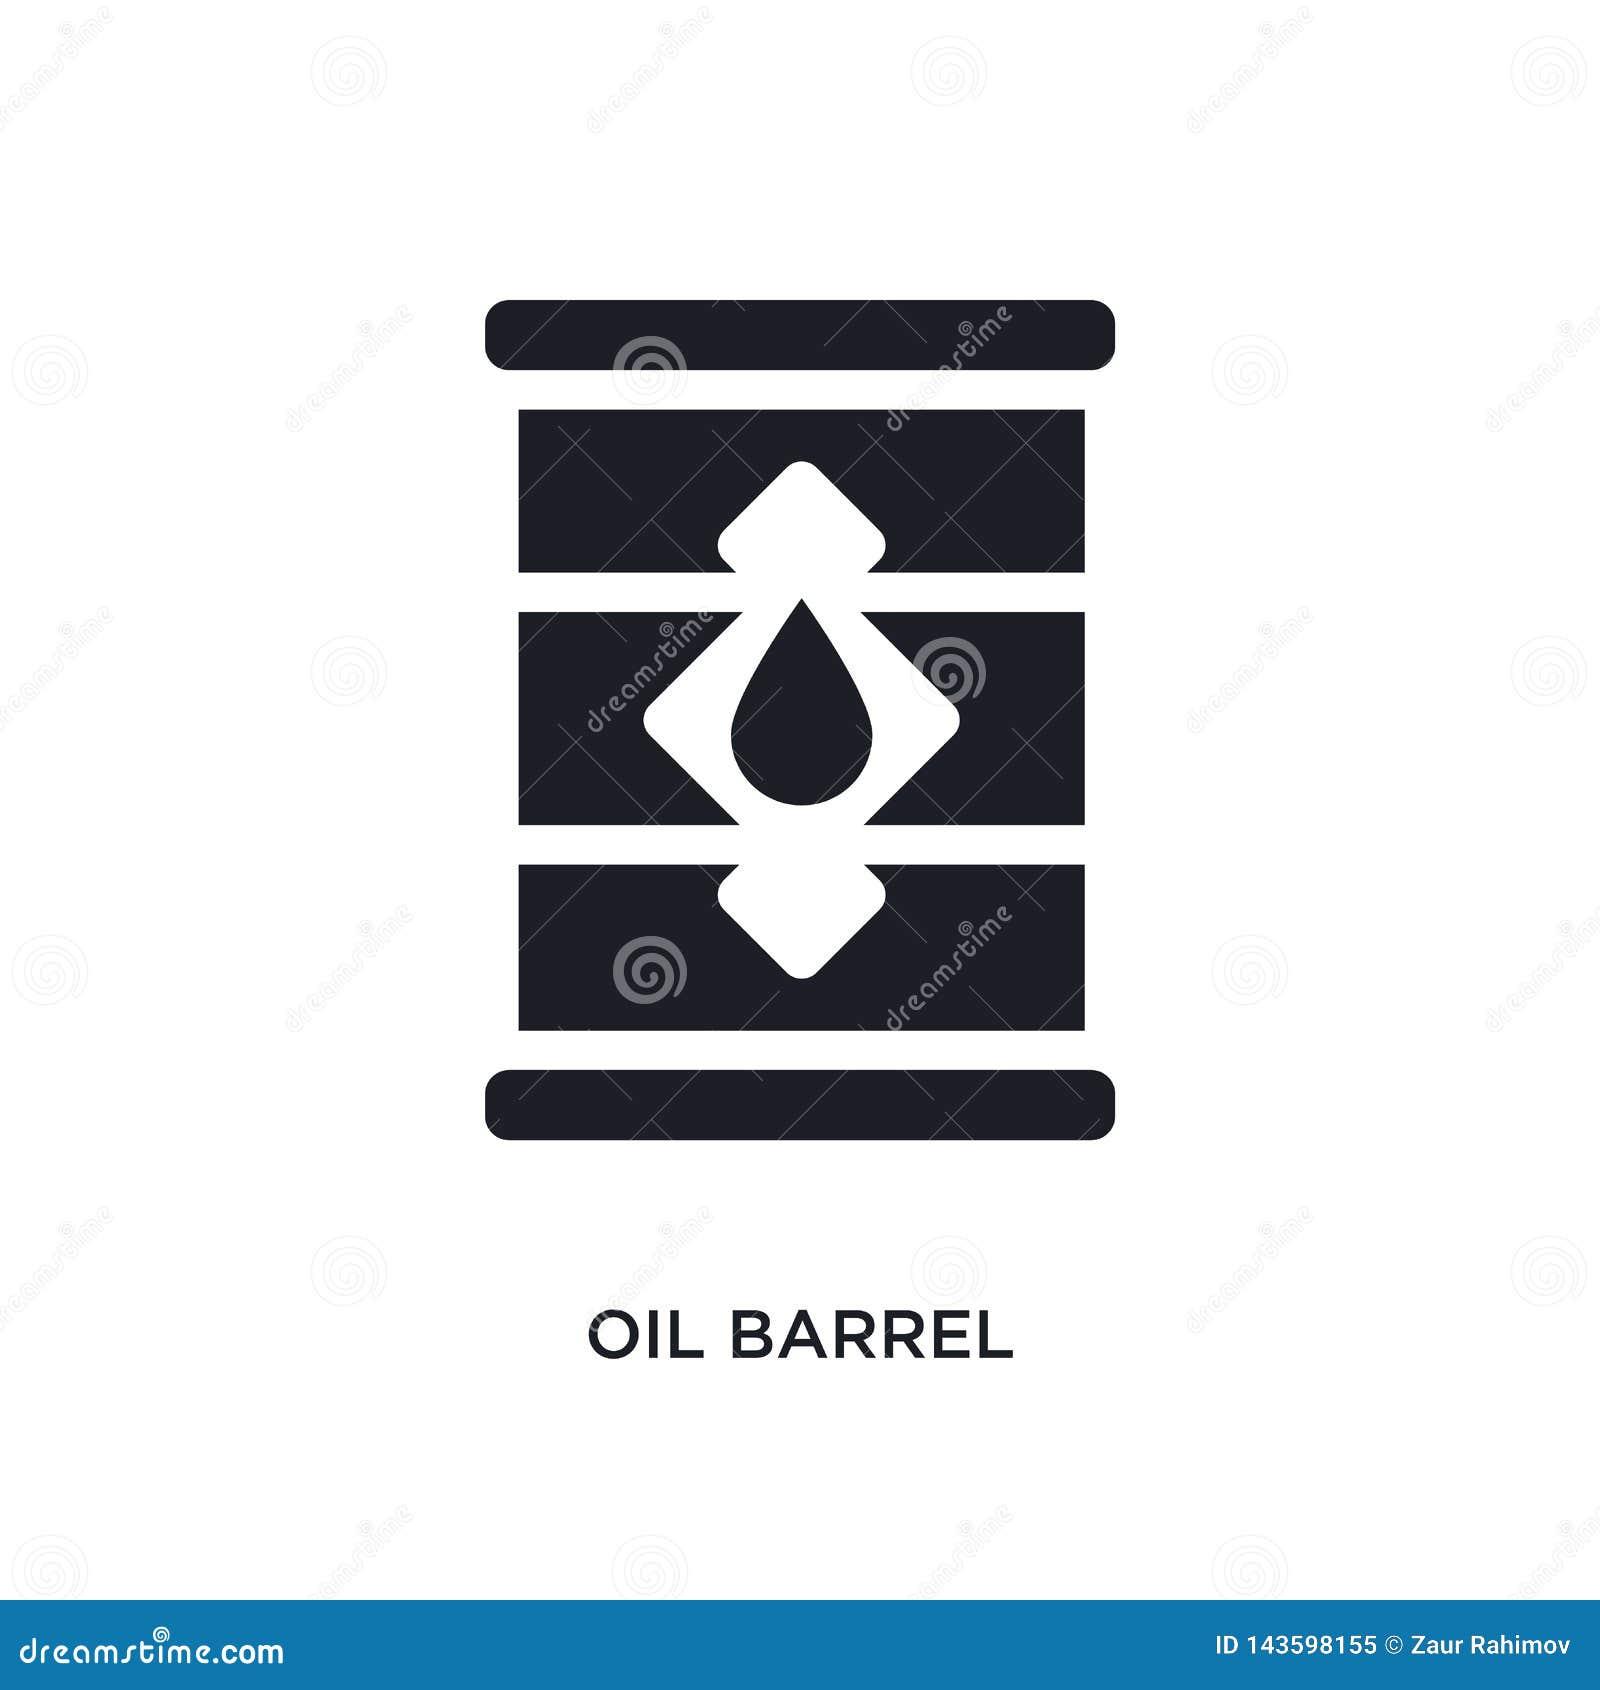 μαύρο απομονωμένο διανυσματικό εικονίδιο βαρελιών πετρελαίου απλή απεικόνιση στοιχείων από τα διανυσματικά εικονίδια έννοιας βιομ